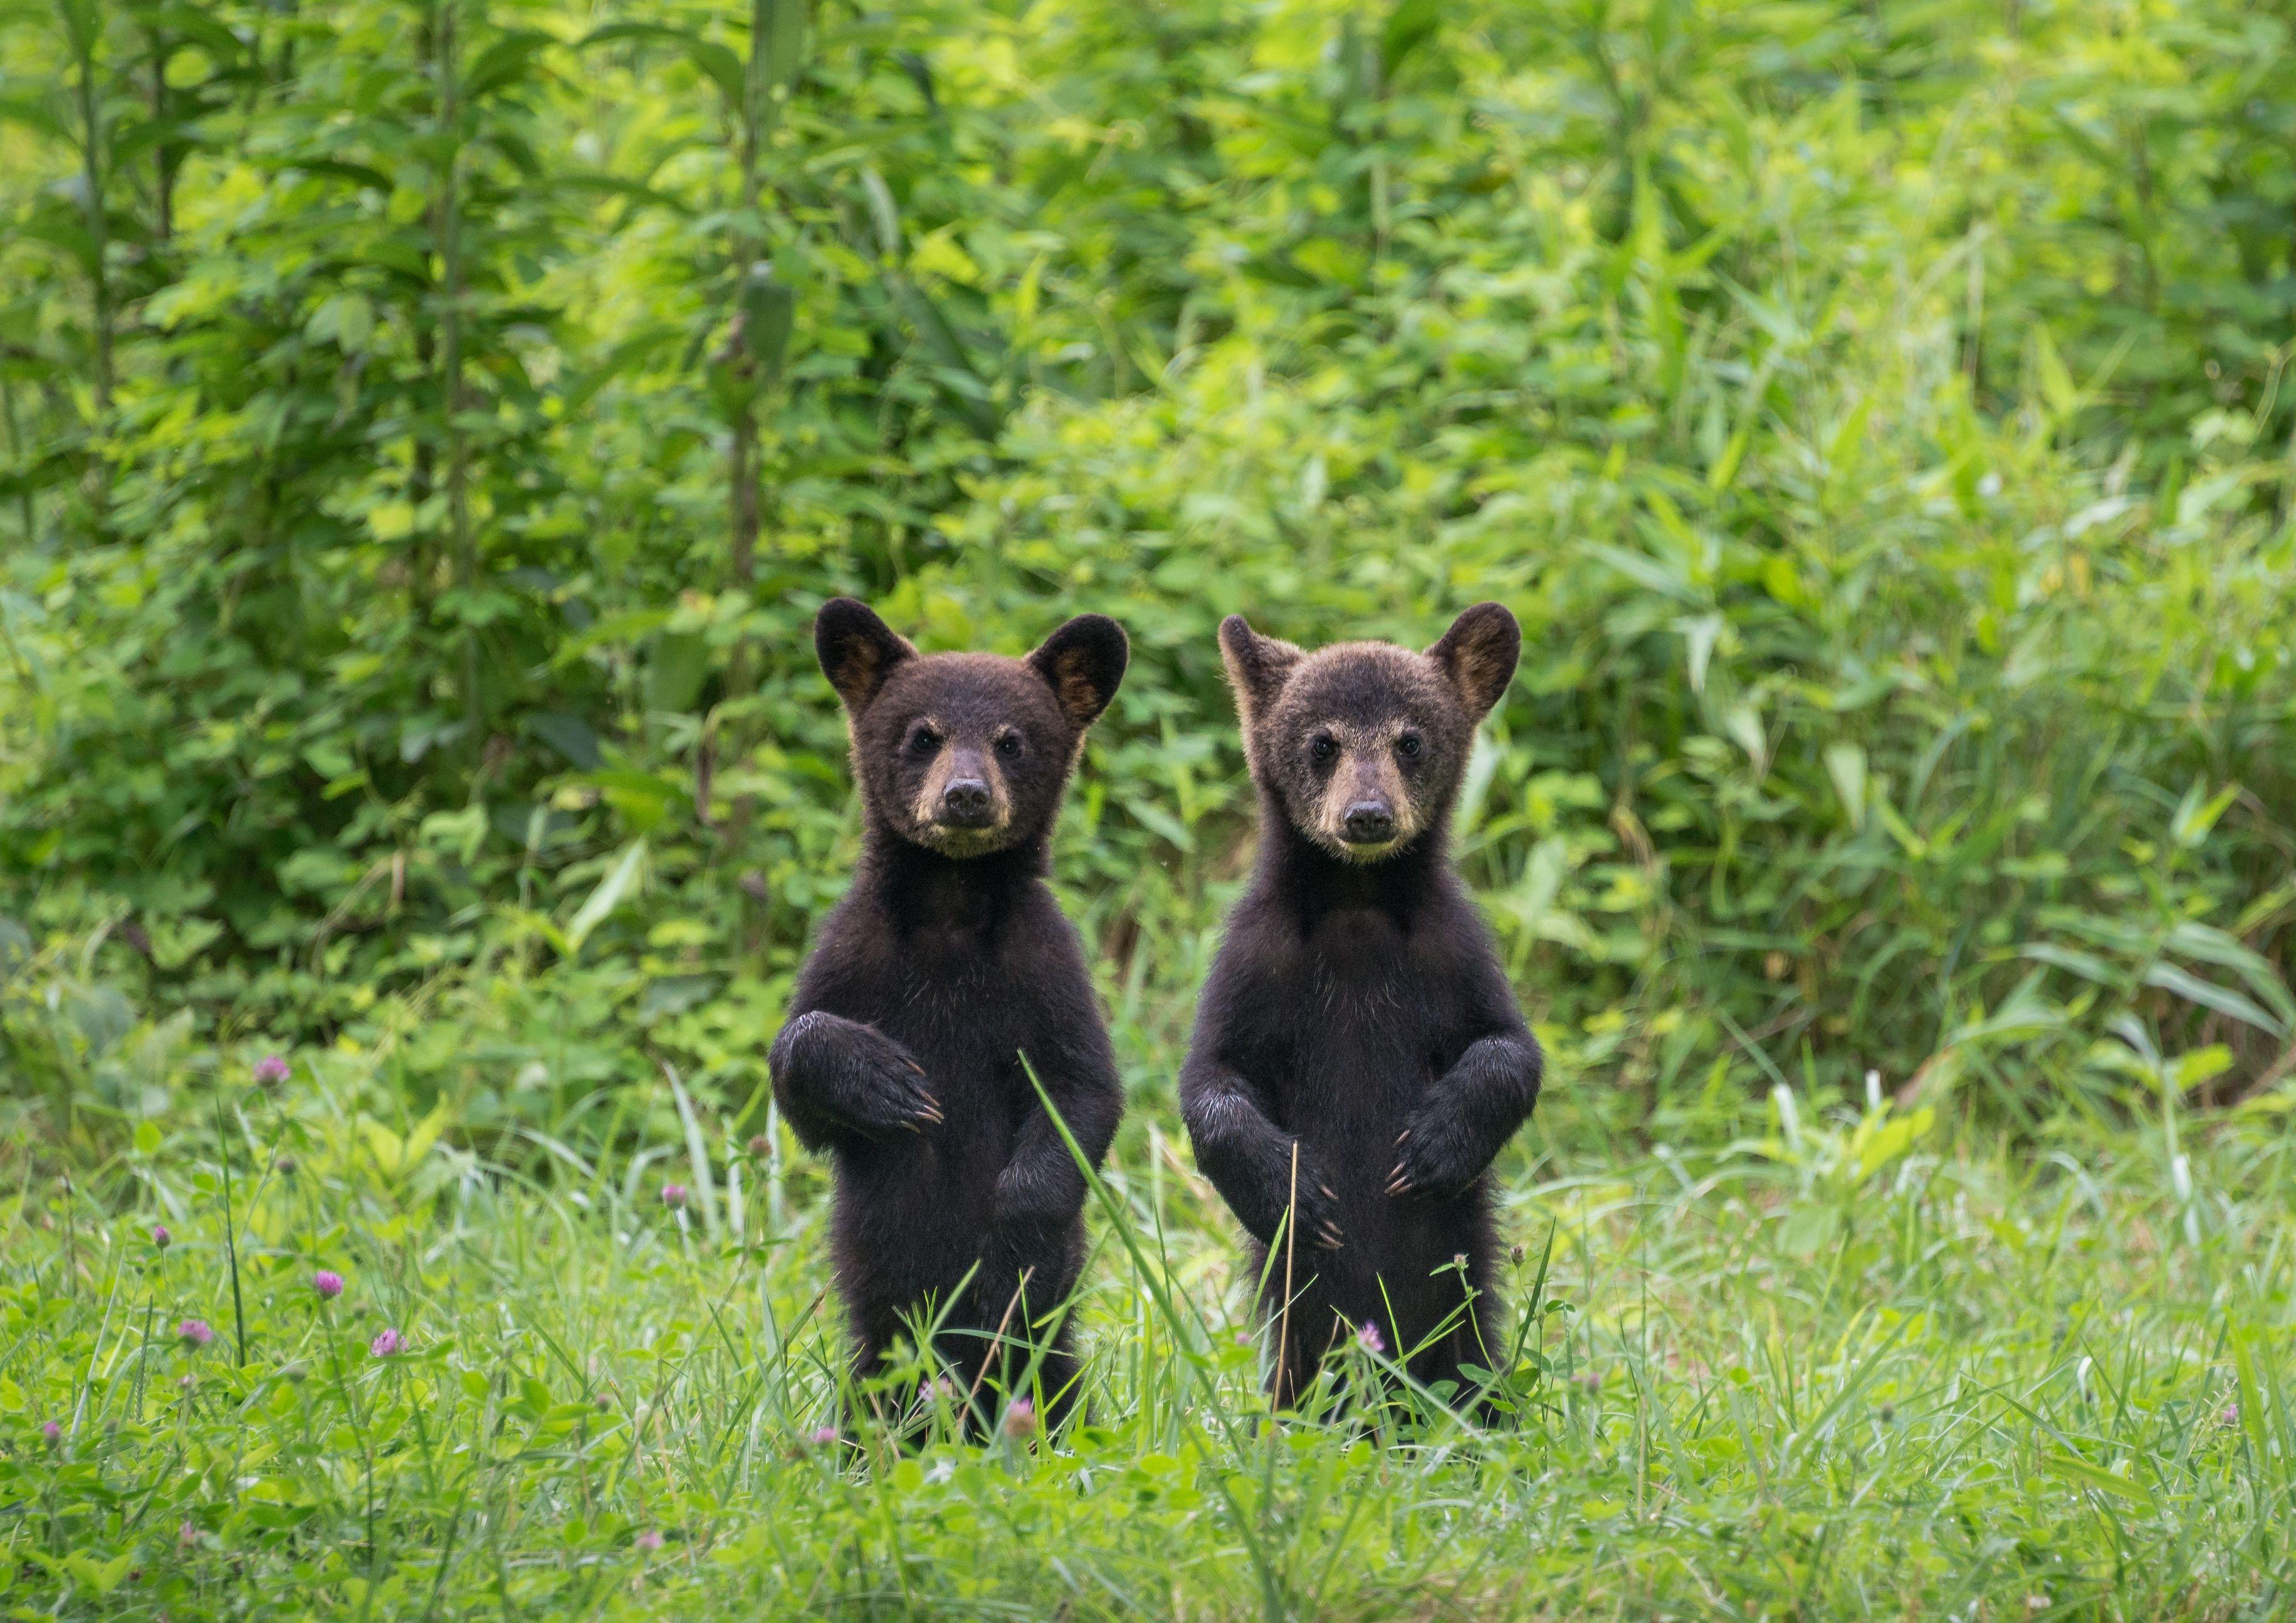 Cachorros de oso sentados sobre las patas traseras en la hierba